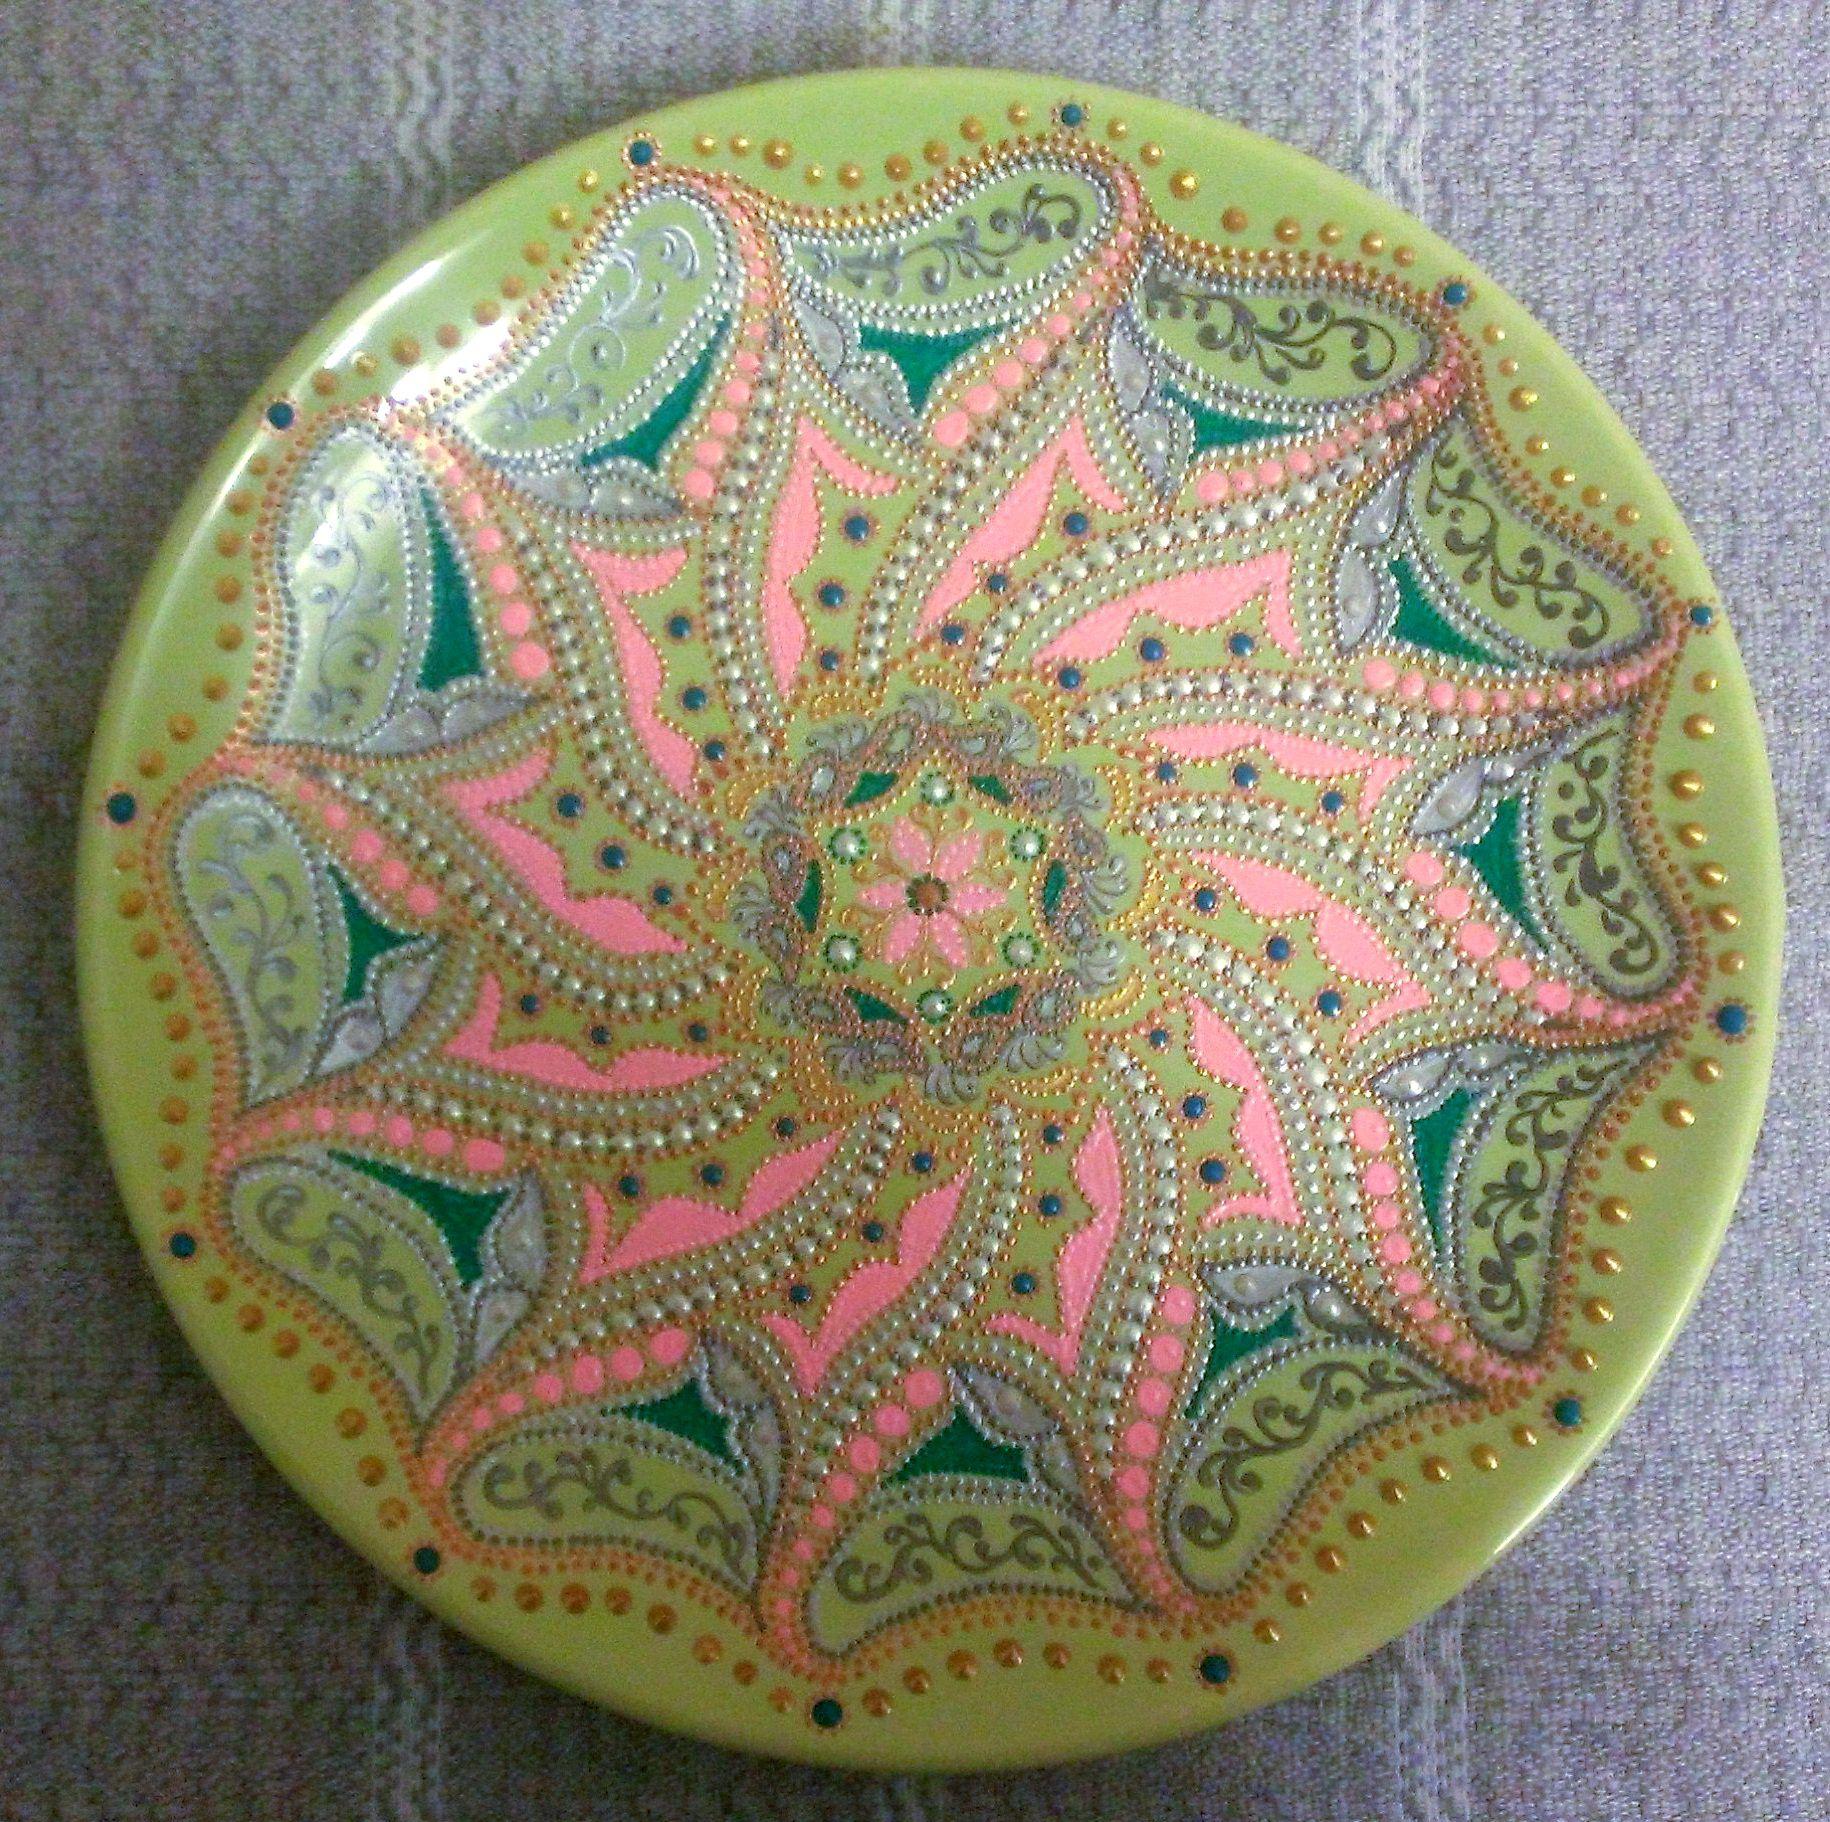 узоры декоративнаятарелка восочныеузоры тарелка точечнаяроспись handmade декор ручнаяработа нежность подарок